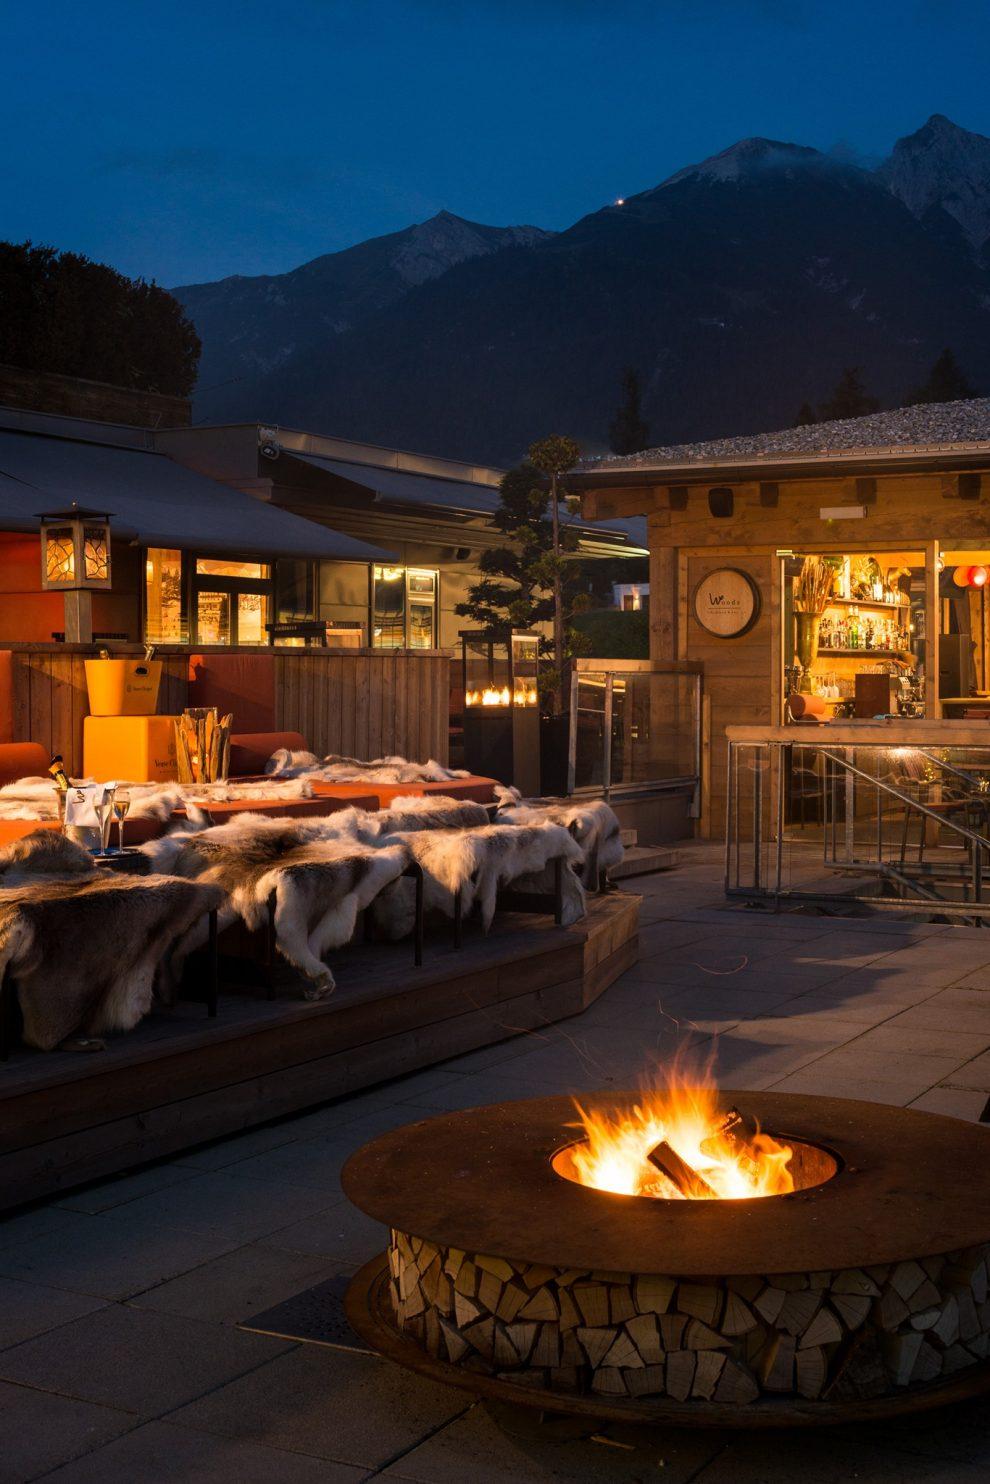 Seefeld in Tirol - skigebied -  wintersportgebied in de Oostenrijkse Alpen - eten en drinken Seefeld - Woods Bar & Kitchen